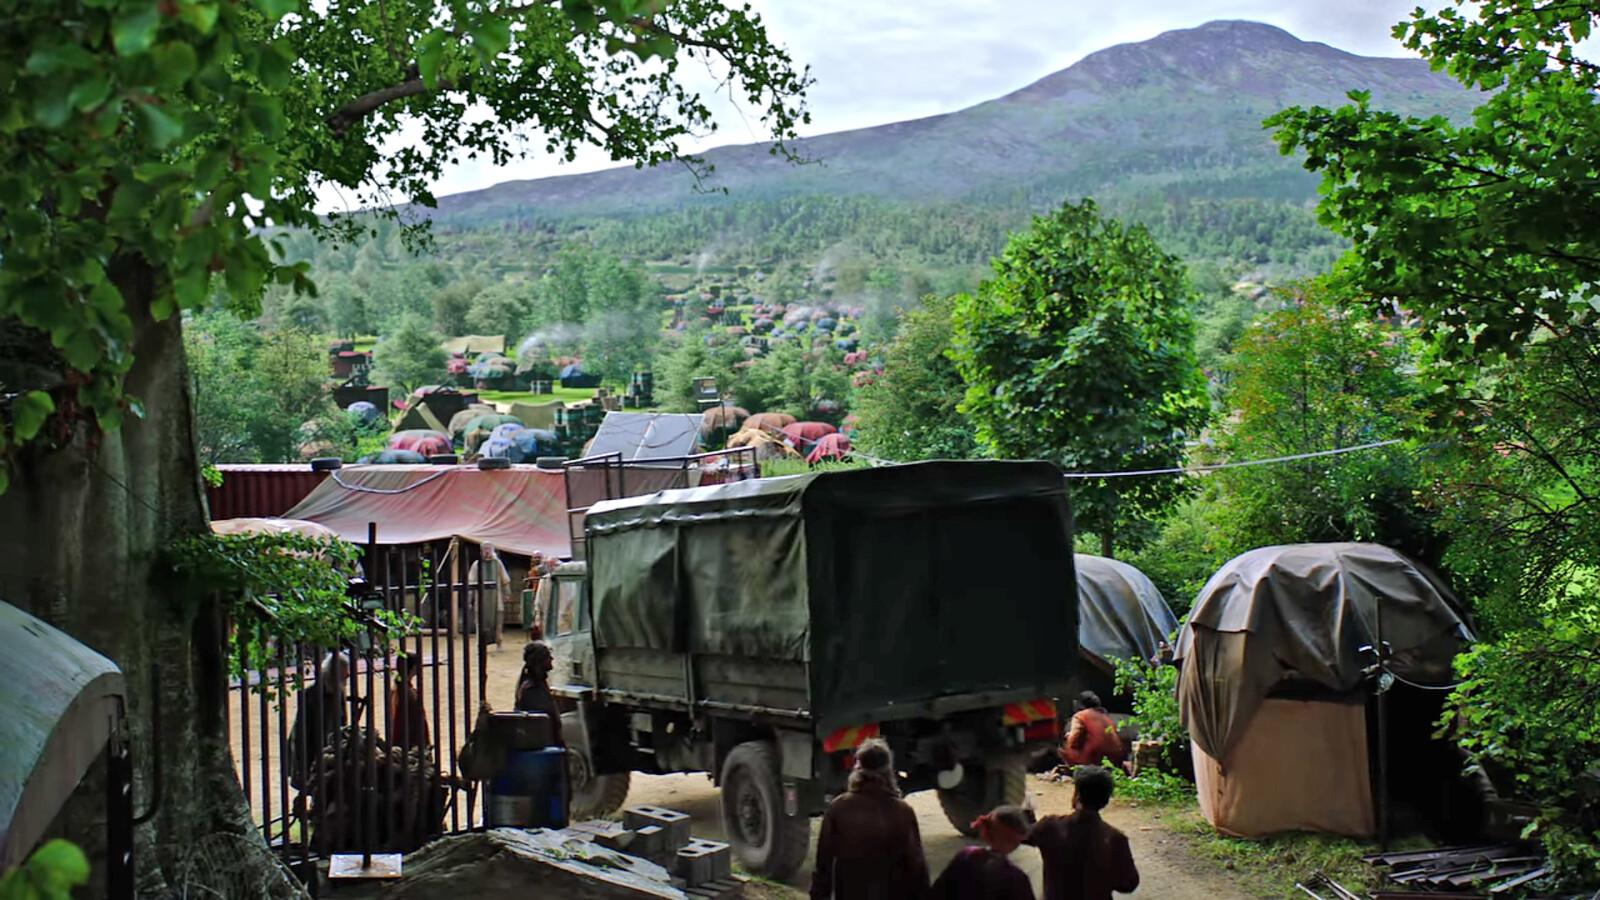 Into the Badlands Season 3 - Tents